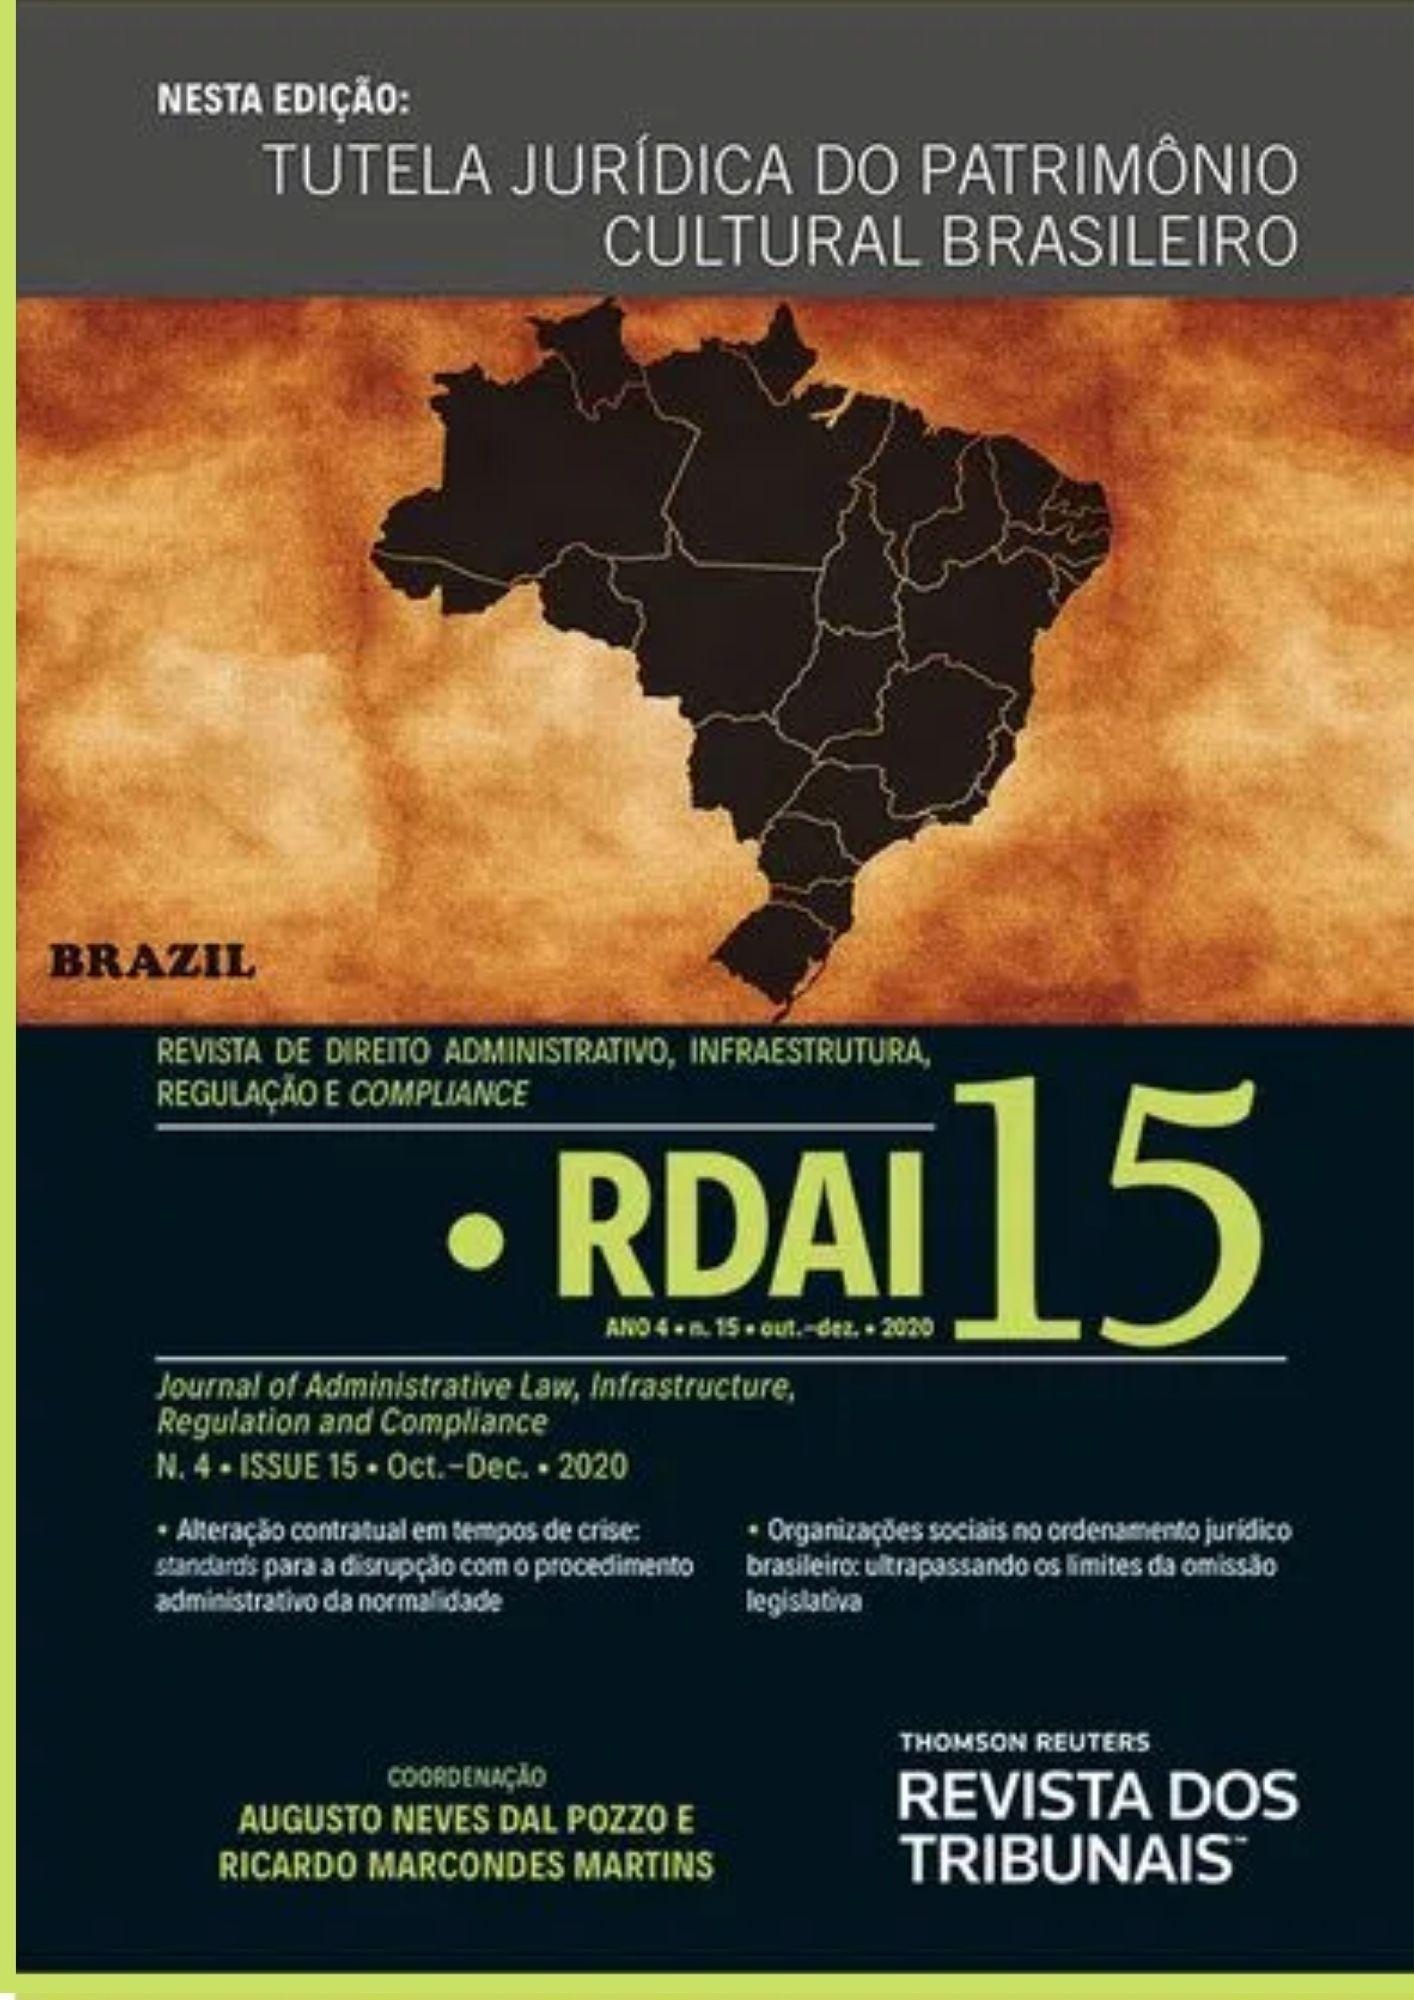 RDAI15